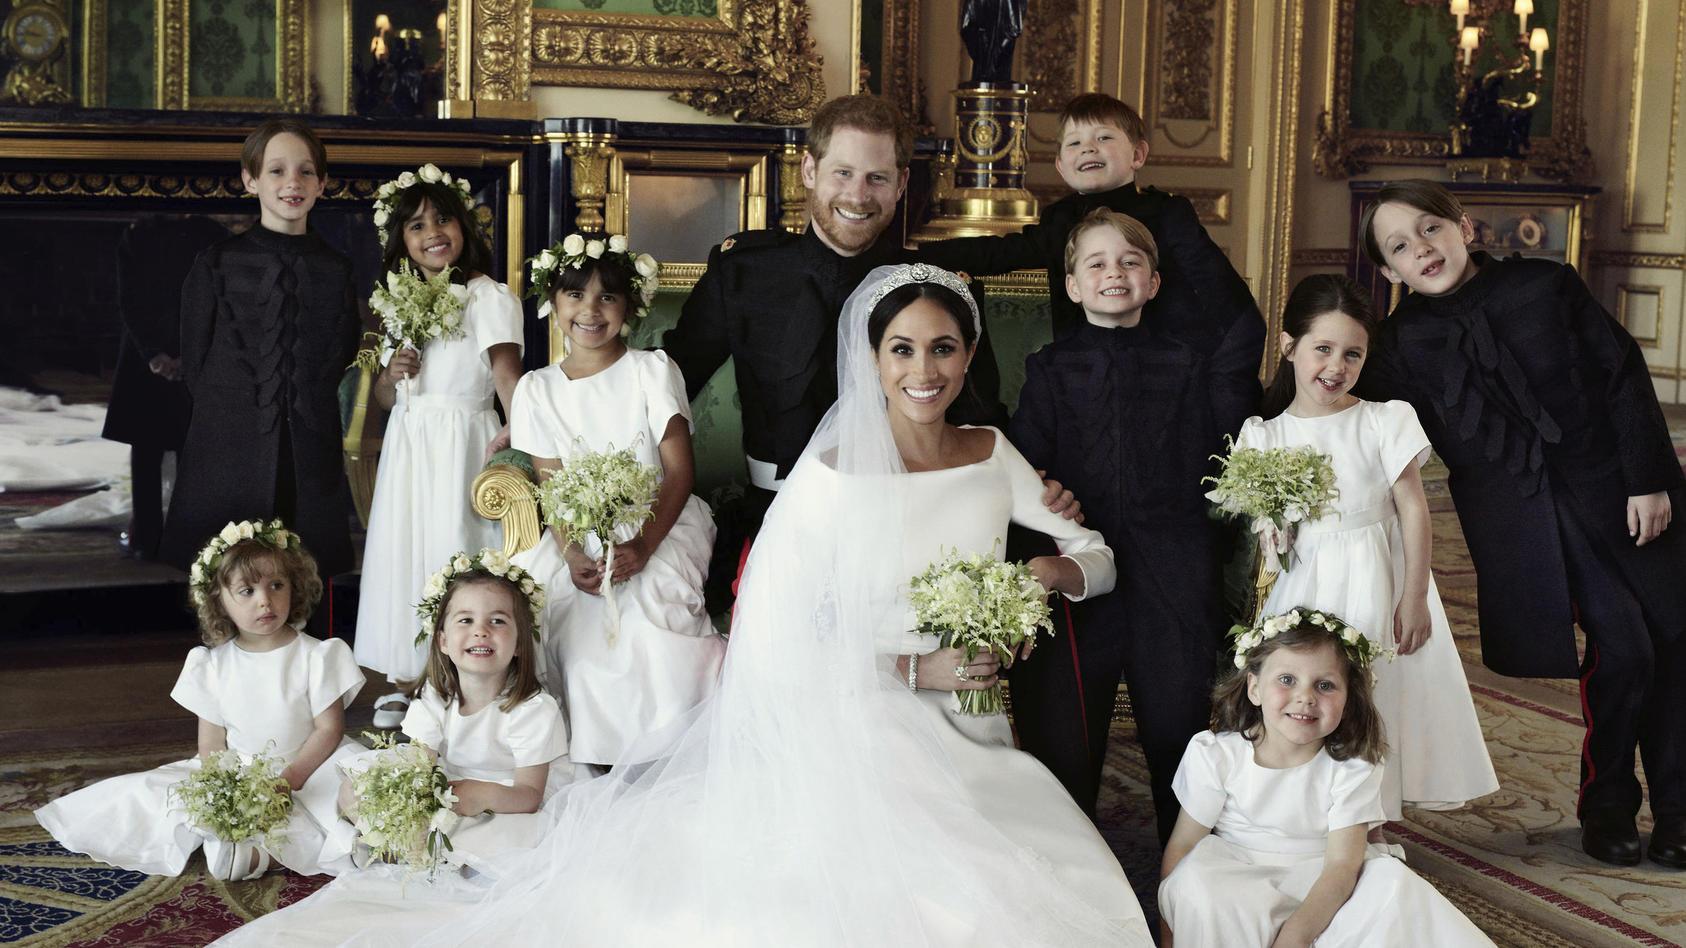 Offizielle Hochzeitsbilder von Prinz Harry und Herzogin Meghan